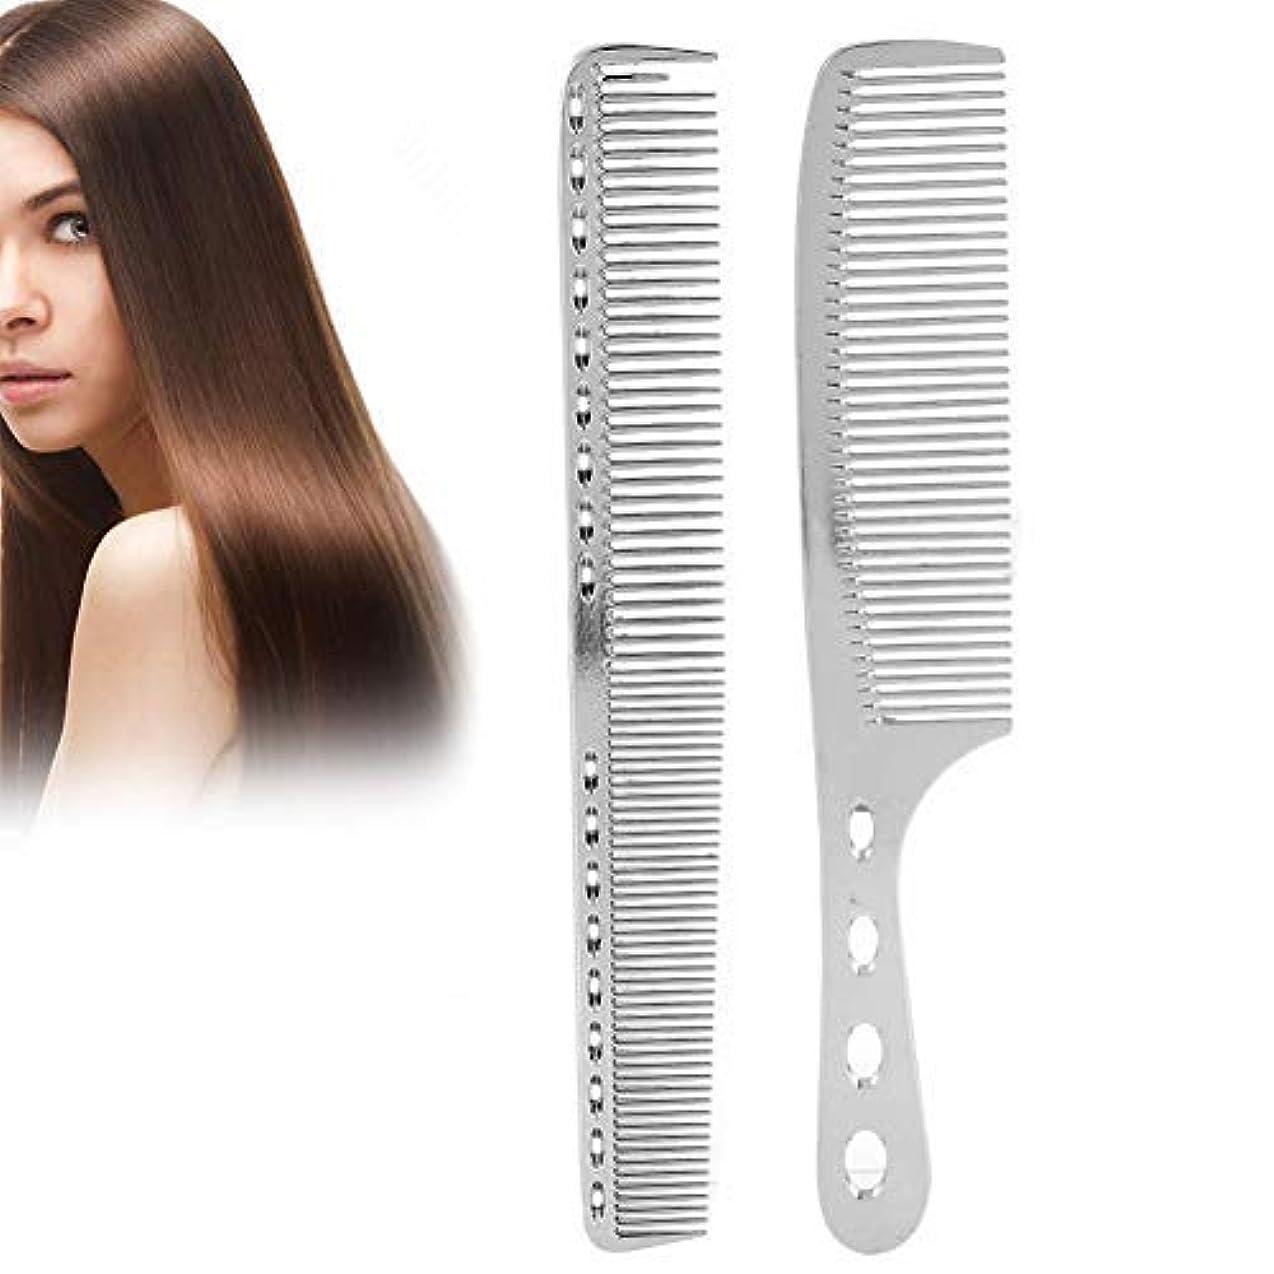 パブ純粋に彼らのものProfessional Styling Comb, 2Pcs / set Hair Comb Space Aluminum Stainless Steel Antistatic Sparse Haircut Comb...